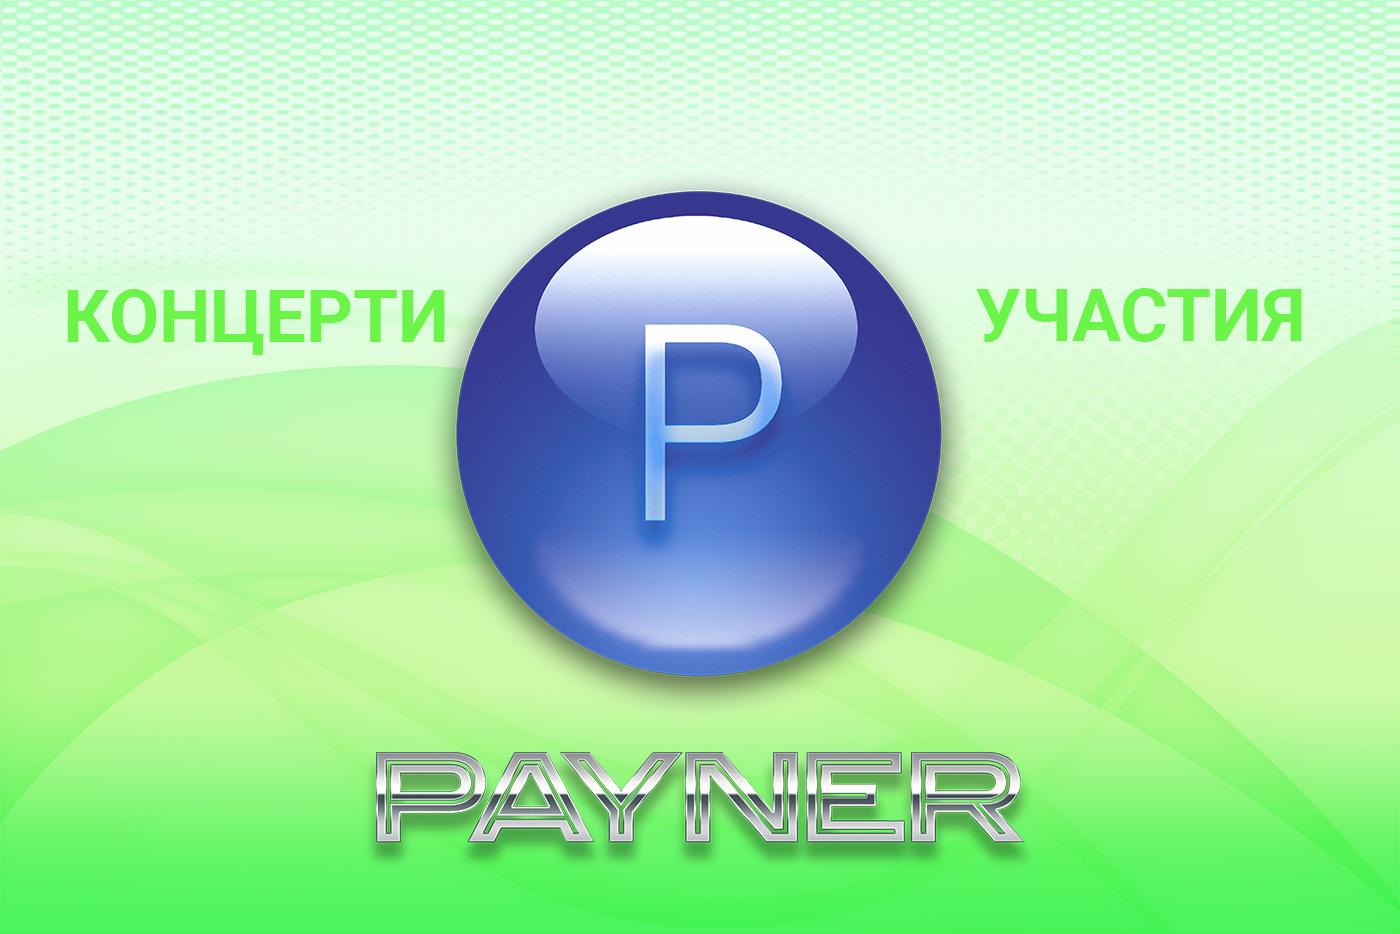 """Участия на звездите на """"Пайнер"""" на 14.03.2019"""